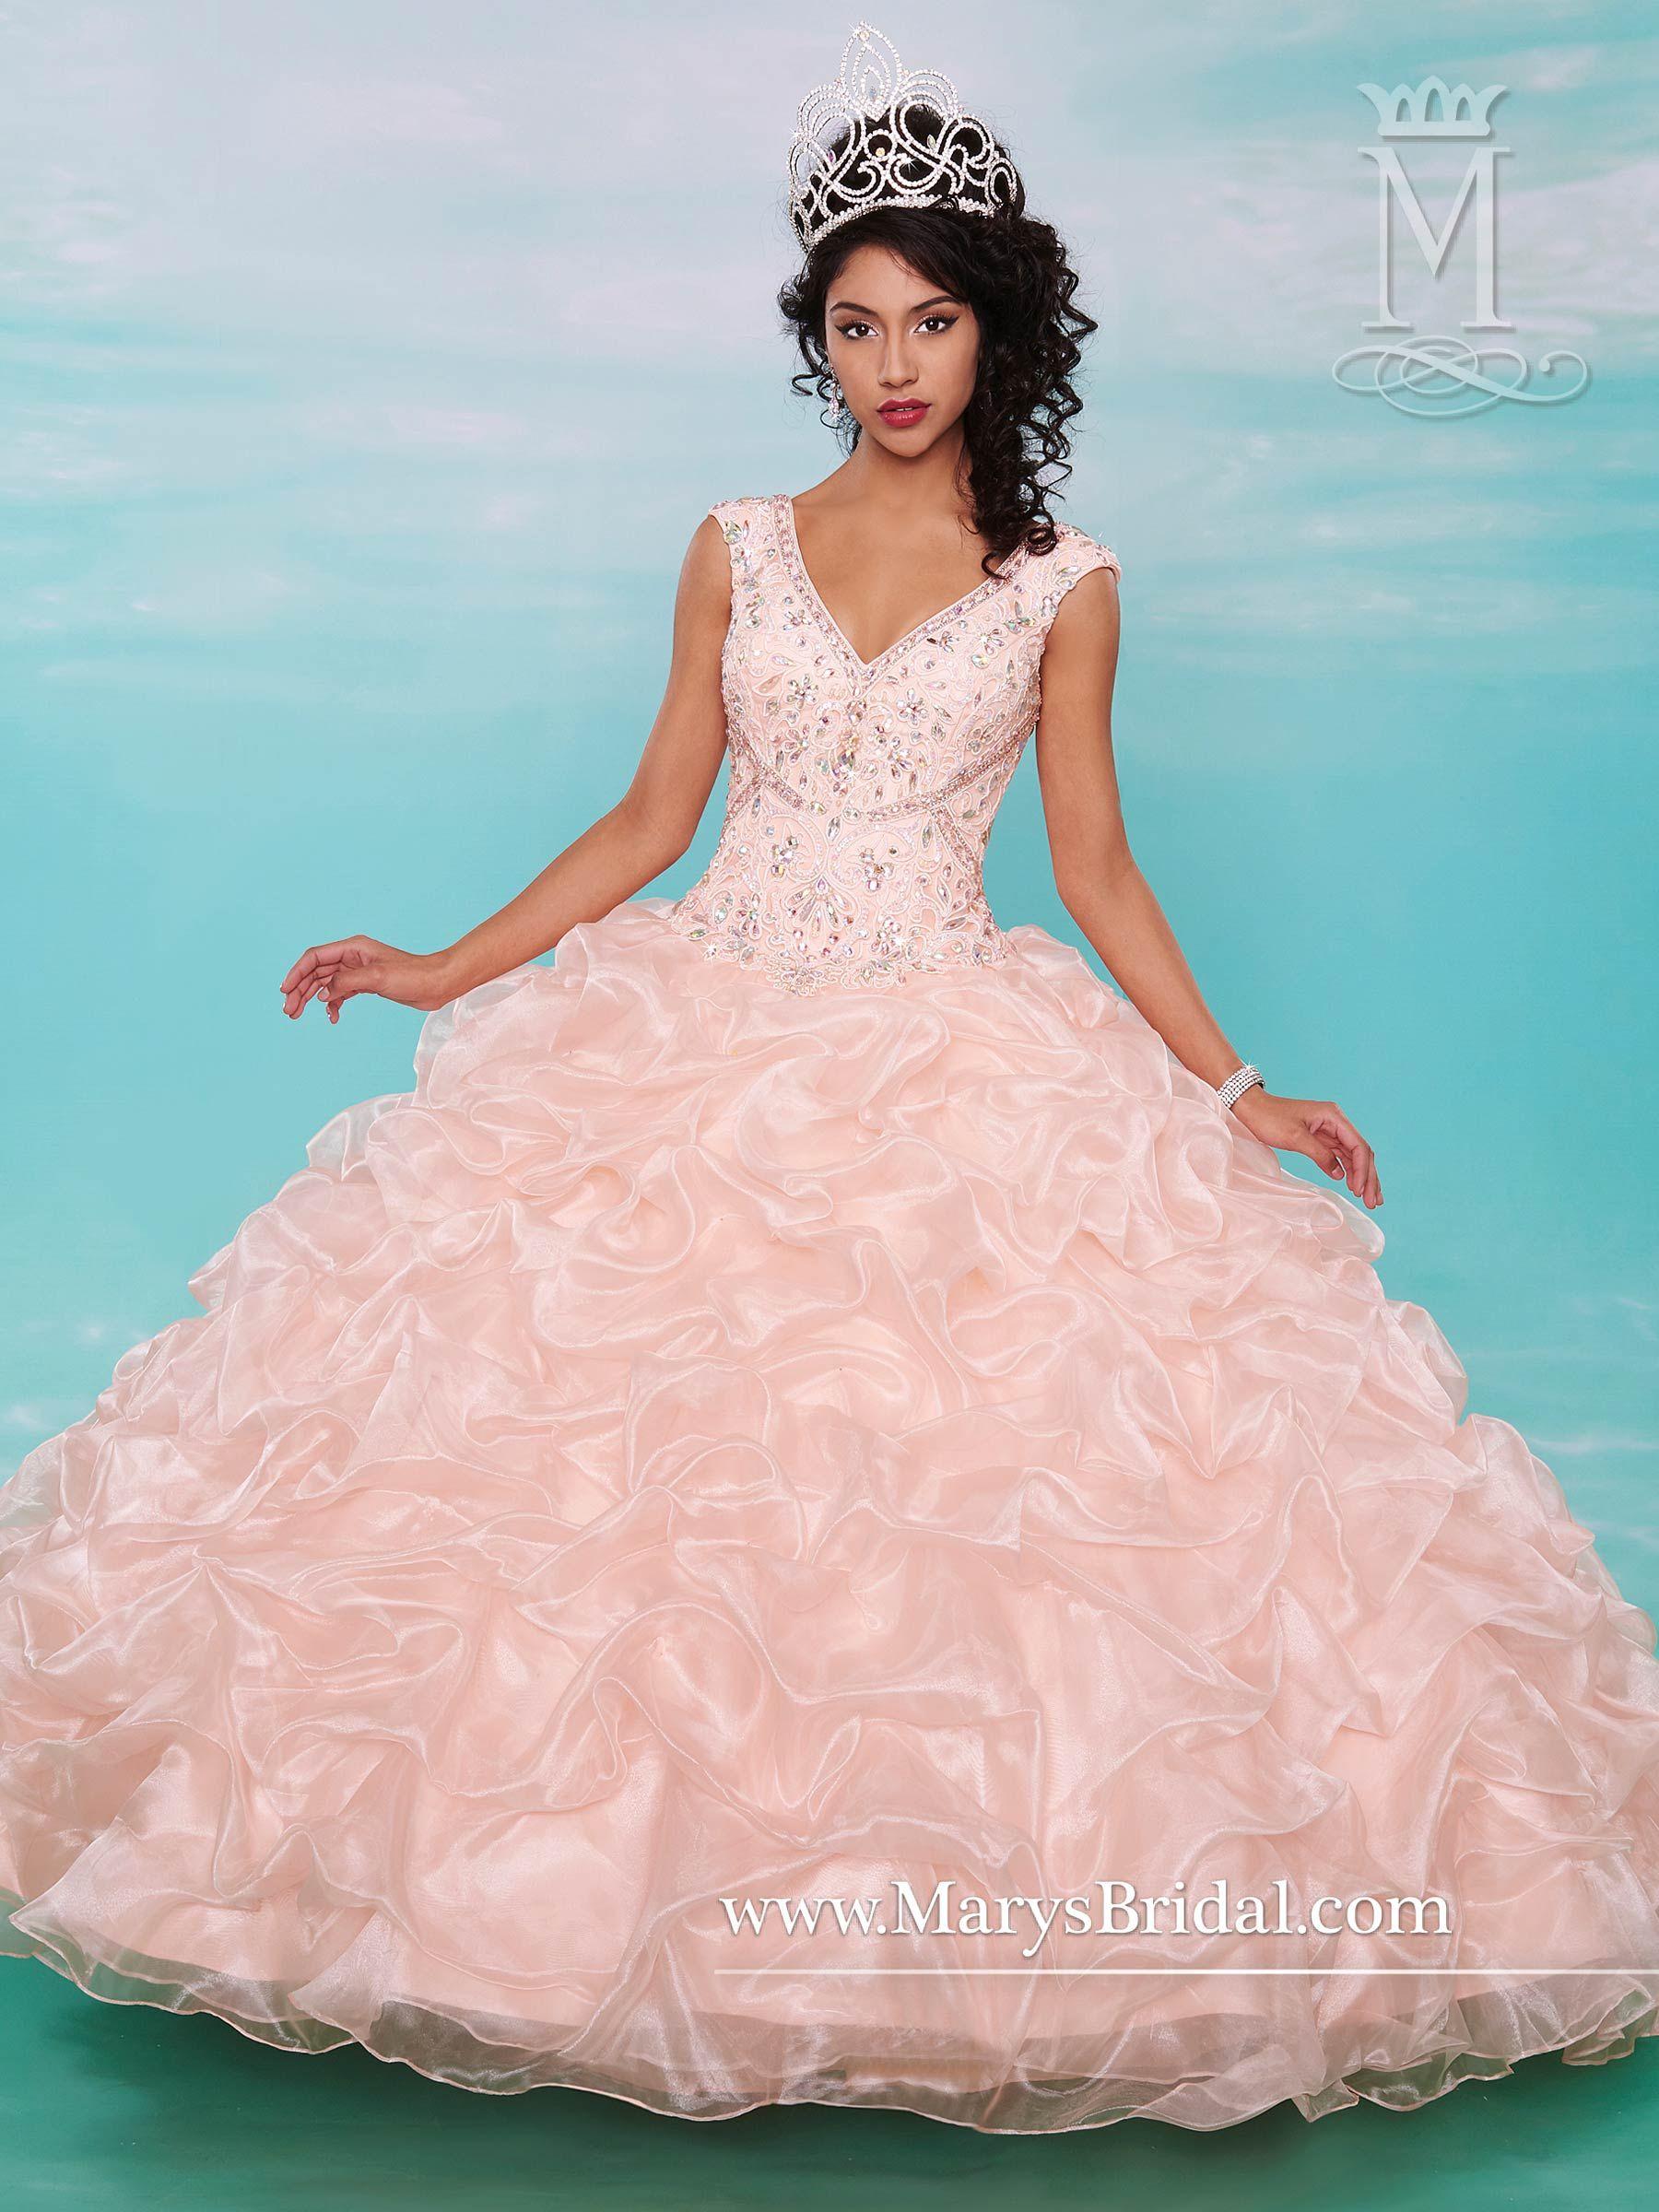 Pin de Marnie Garcia en Xv | Pinterest | Faldas, Vestidos y Telas